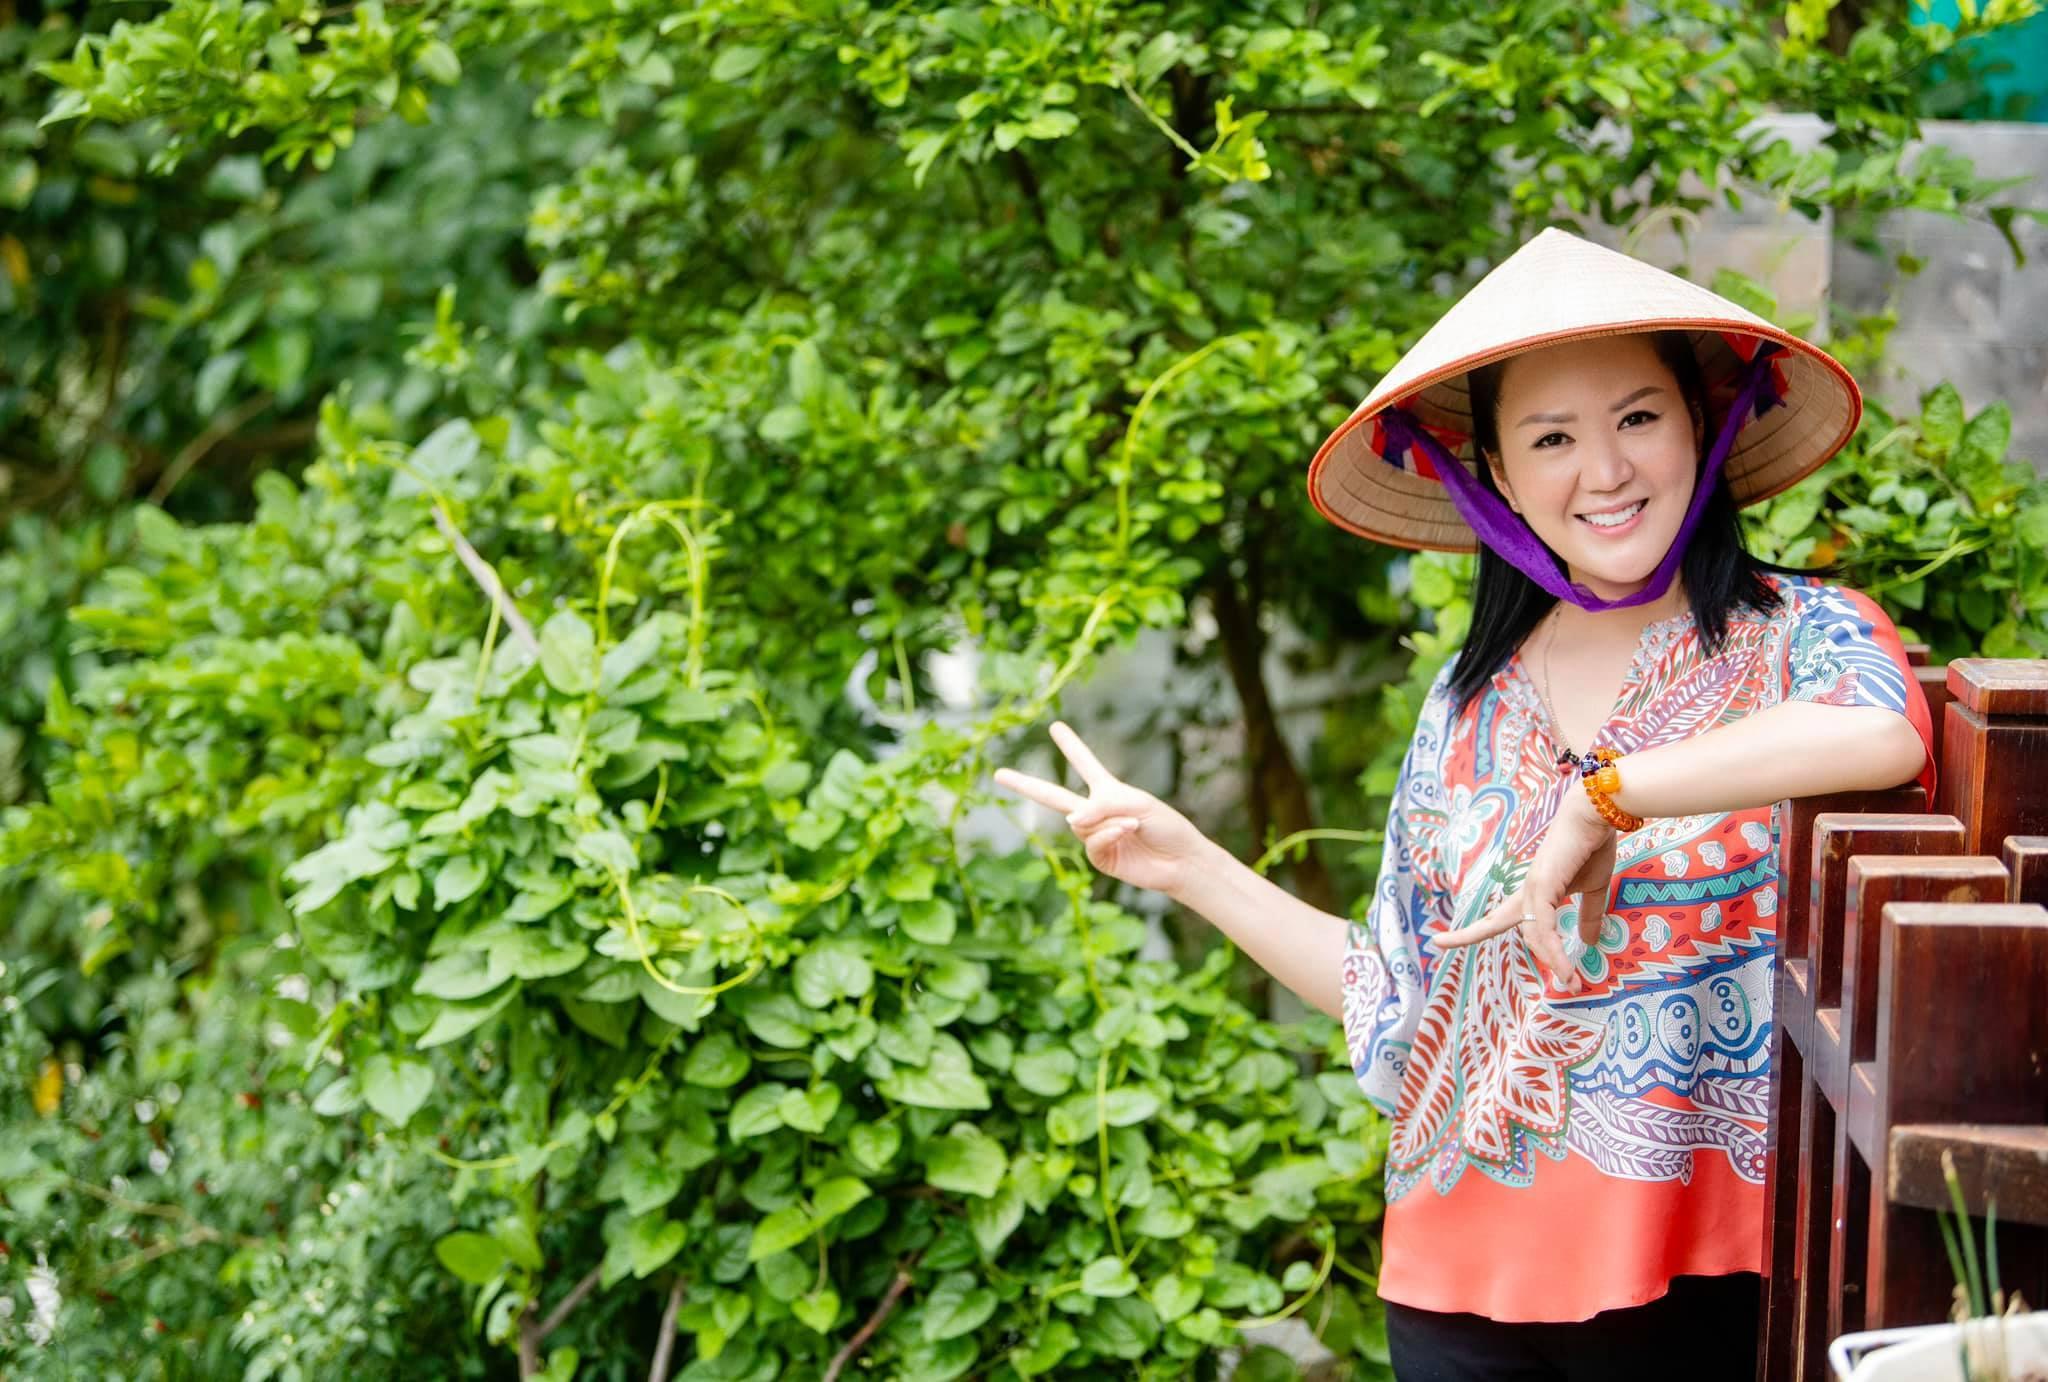 Tuổi 51, diva Hồng Nhung trẻ trung và sành điệu